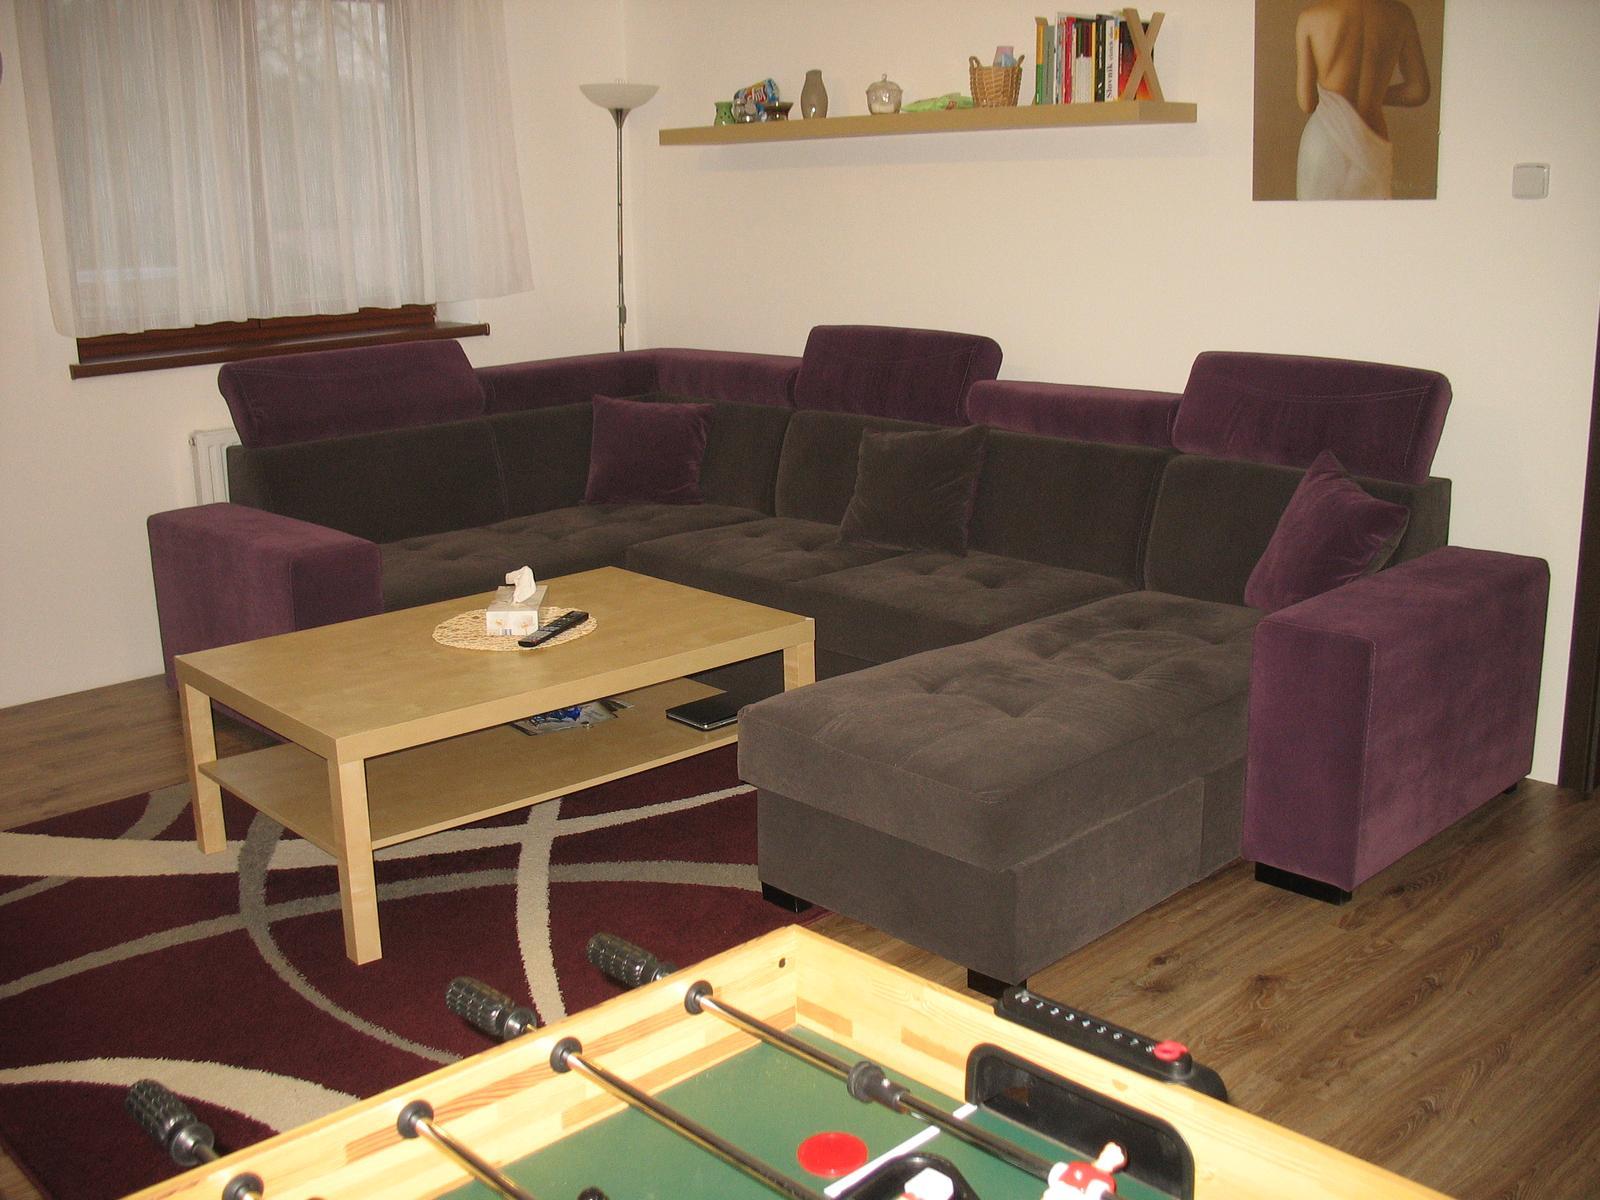 Nový začátek - potřetí - Tak konečně i my máme po dvou letech bydlení naši sedačku. :-) Je z Polska, vyrobená přímo na míru, dva úložné prostory, rozkládací, polohovatelné záhlavníky, barrevně jsme si navrhli sami i polštáře, jsou z každé strany jiná barva a stála 24990,-